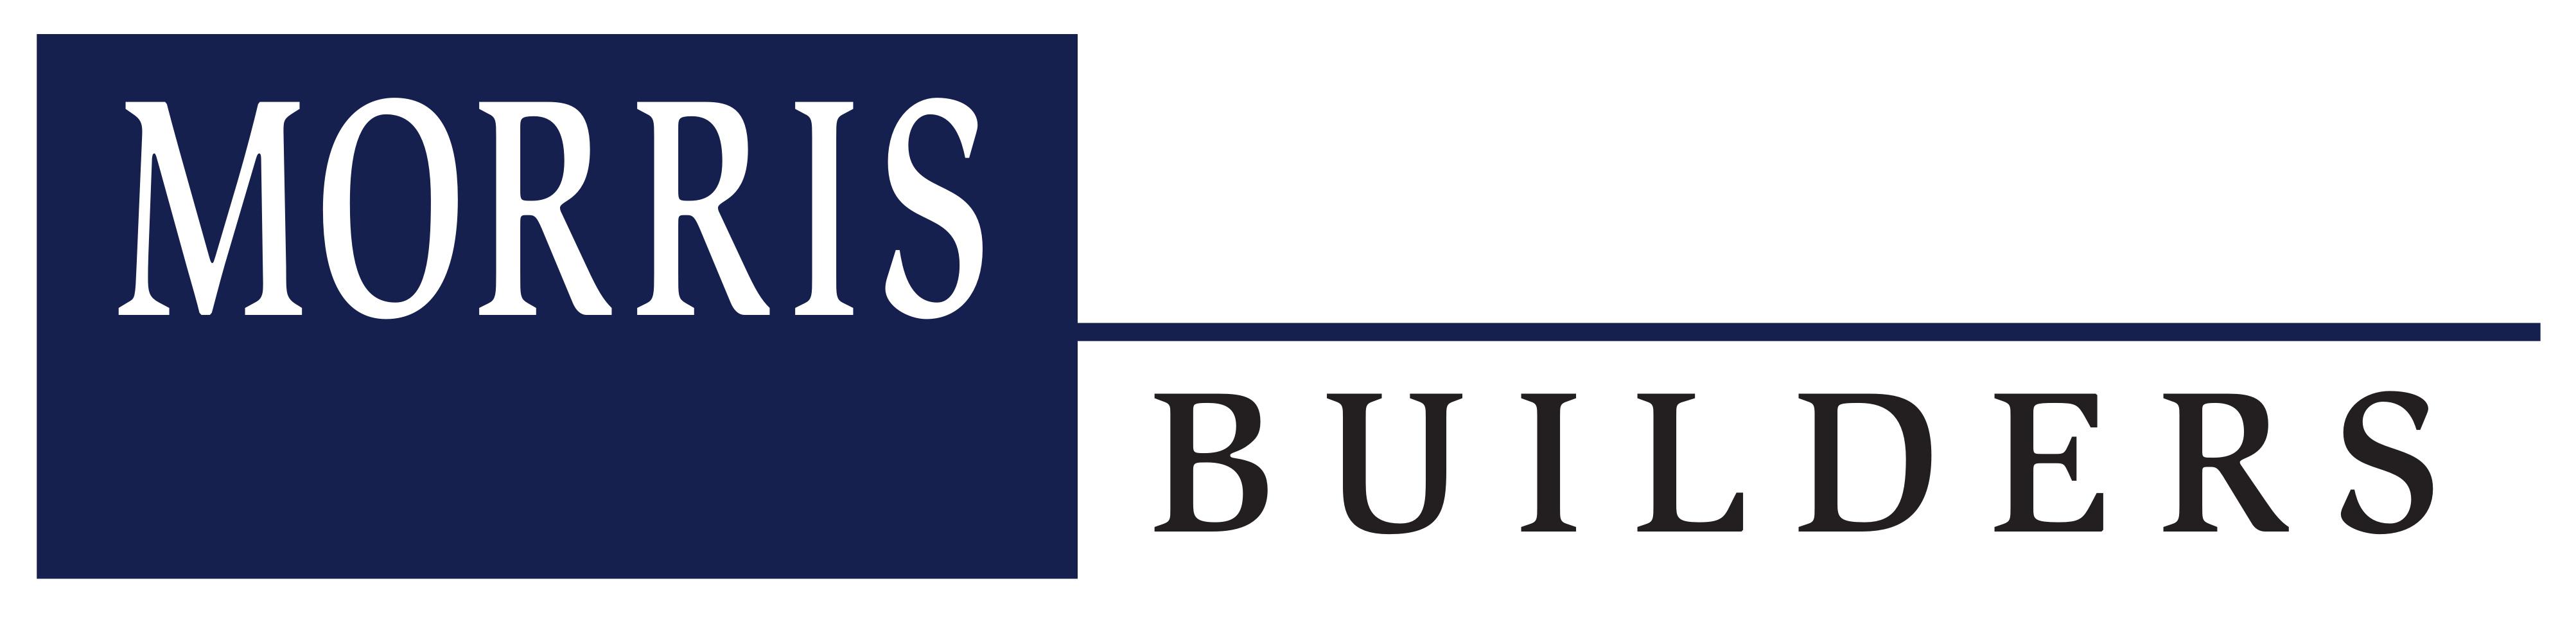 Morris Builders (TX)-logo